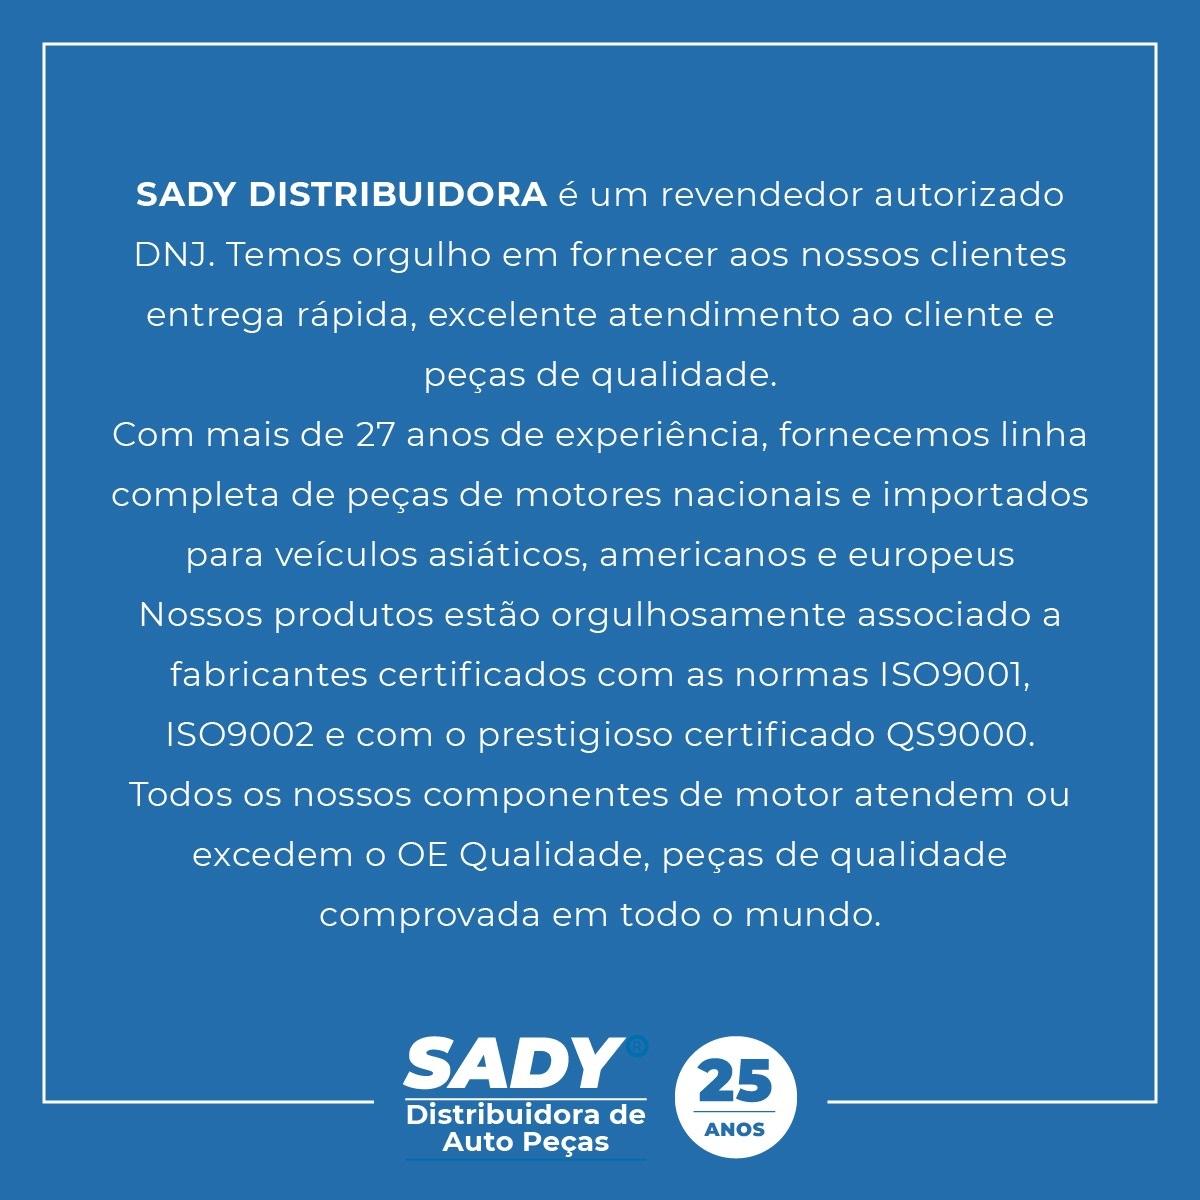 BOMBA DE OLEO DO MOTOR PEUGEOT 1.6 16V THP